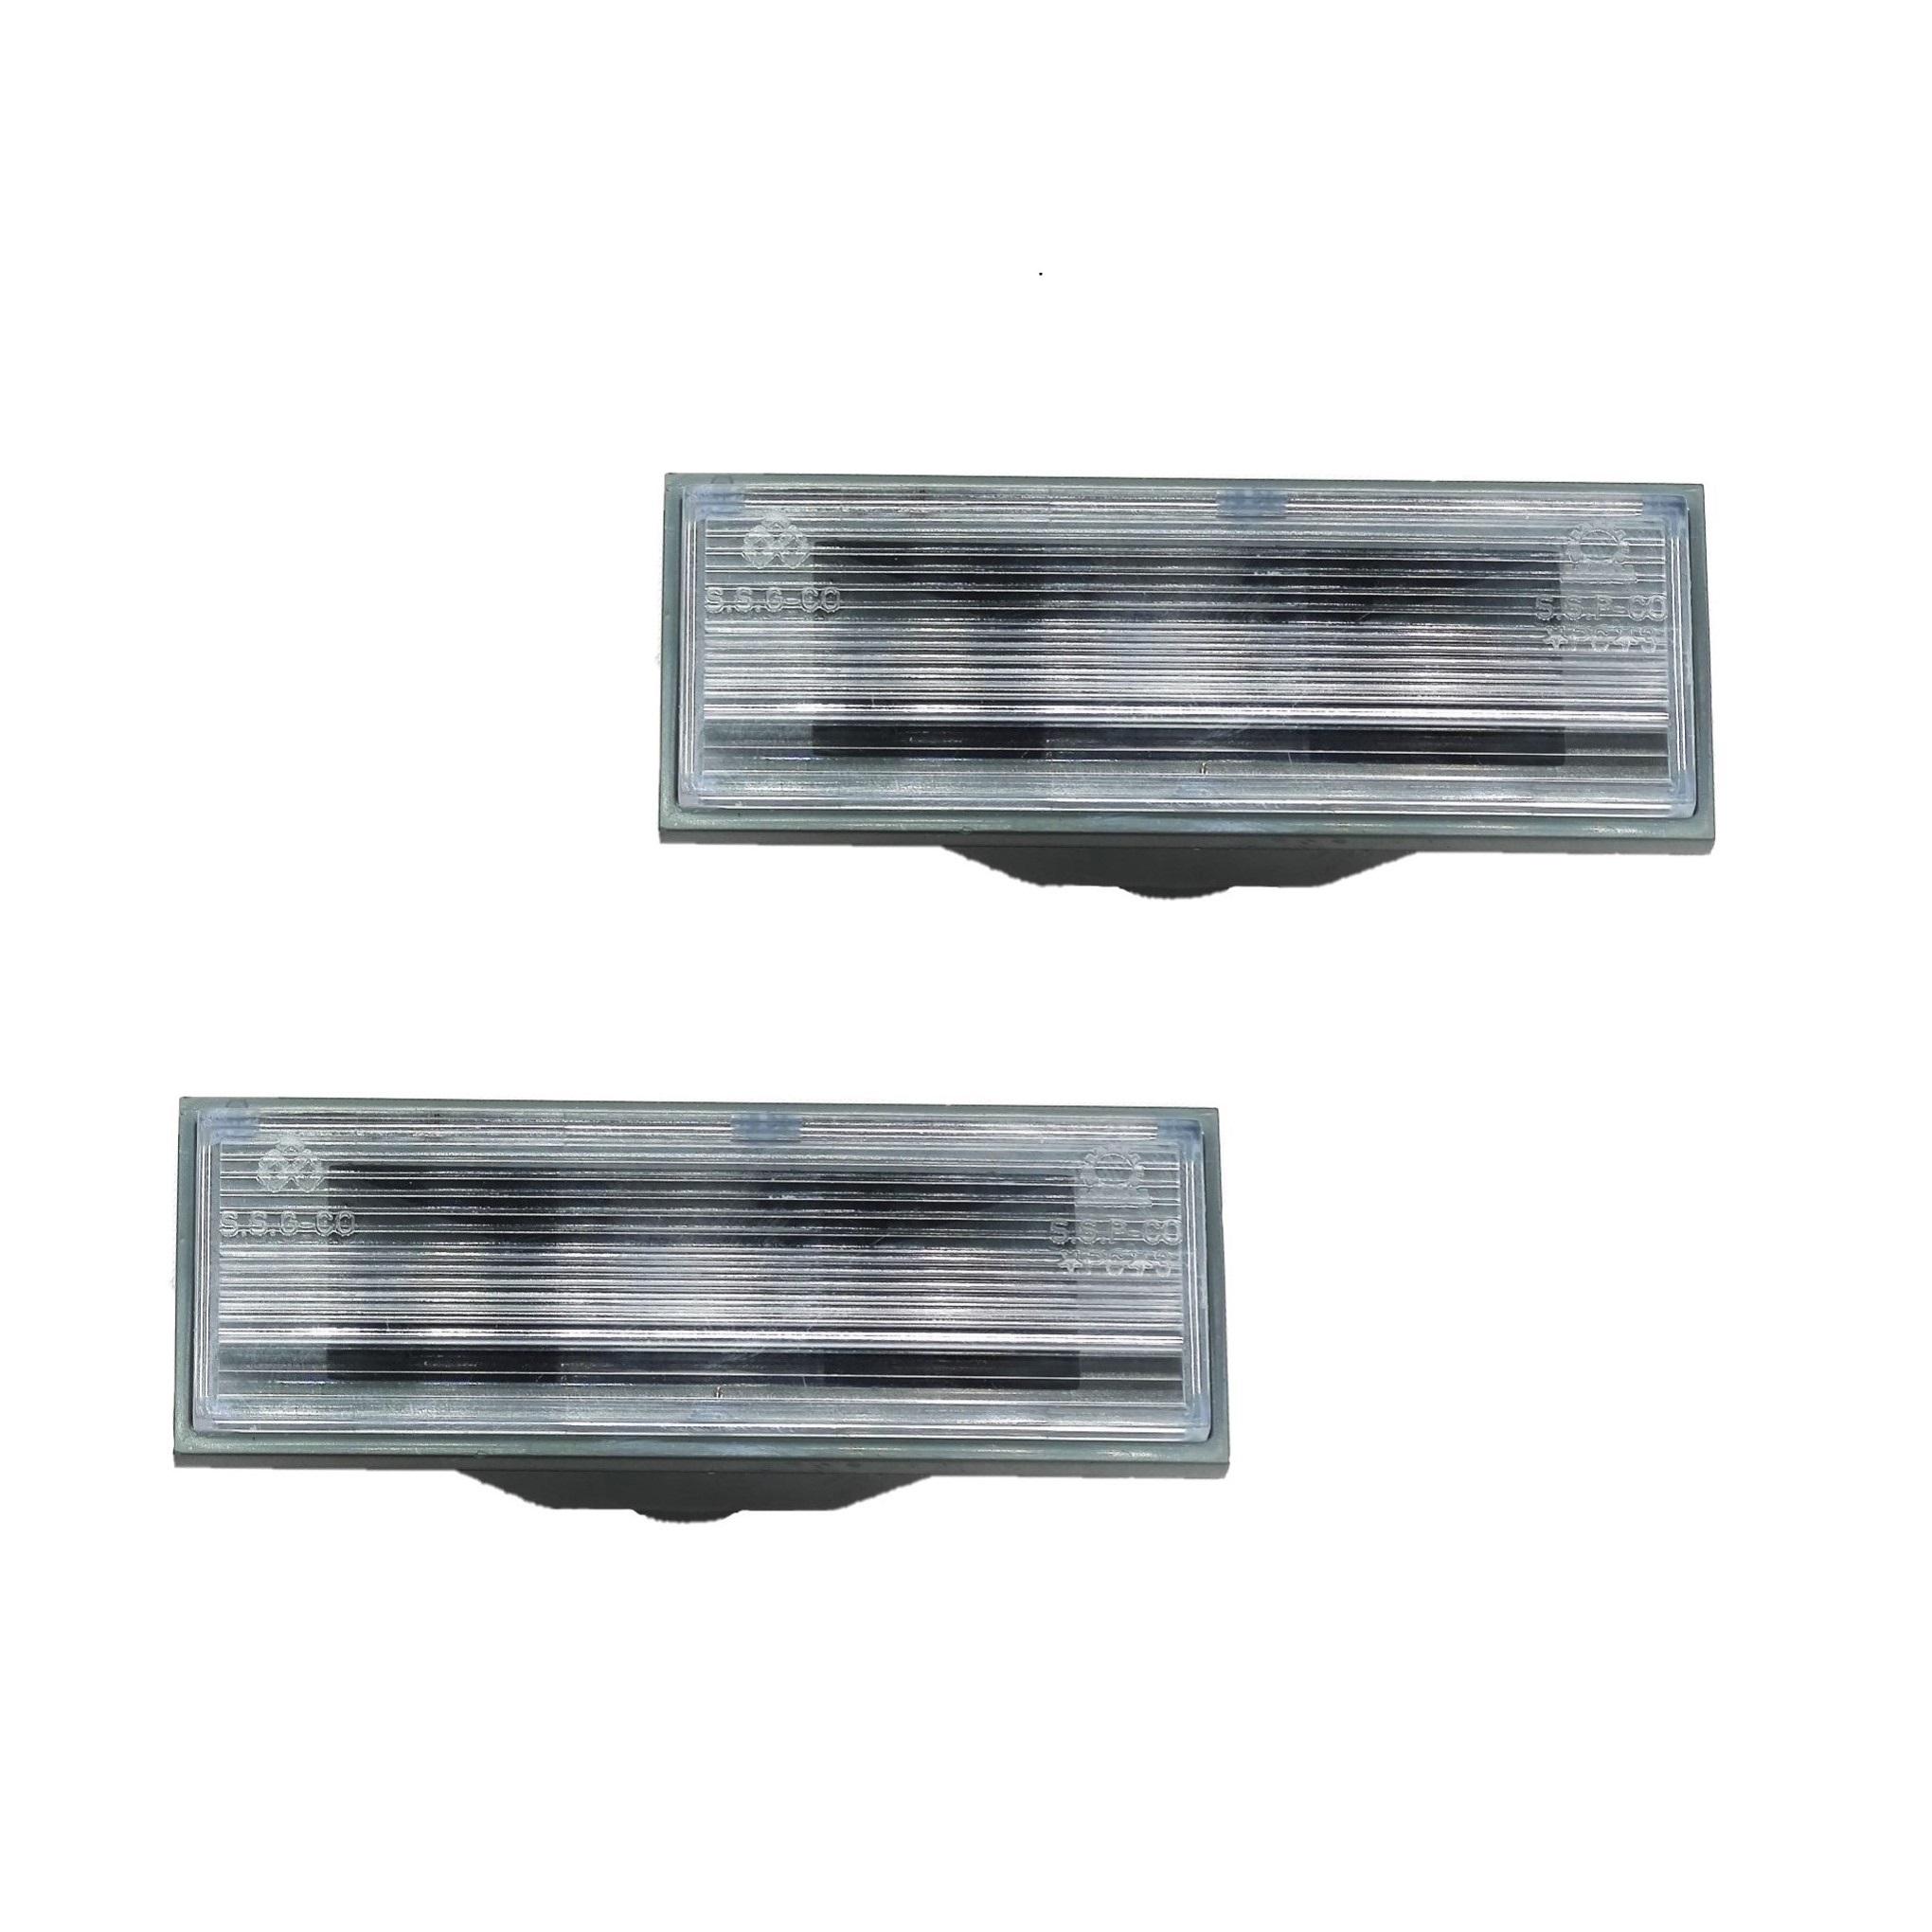 چراغ پلاک خودرو مدل SHPNL01 مناسب برای پراید 132 بسته 2 عددی